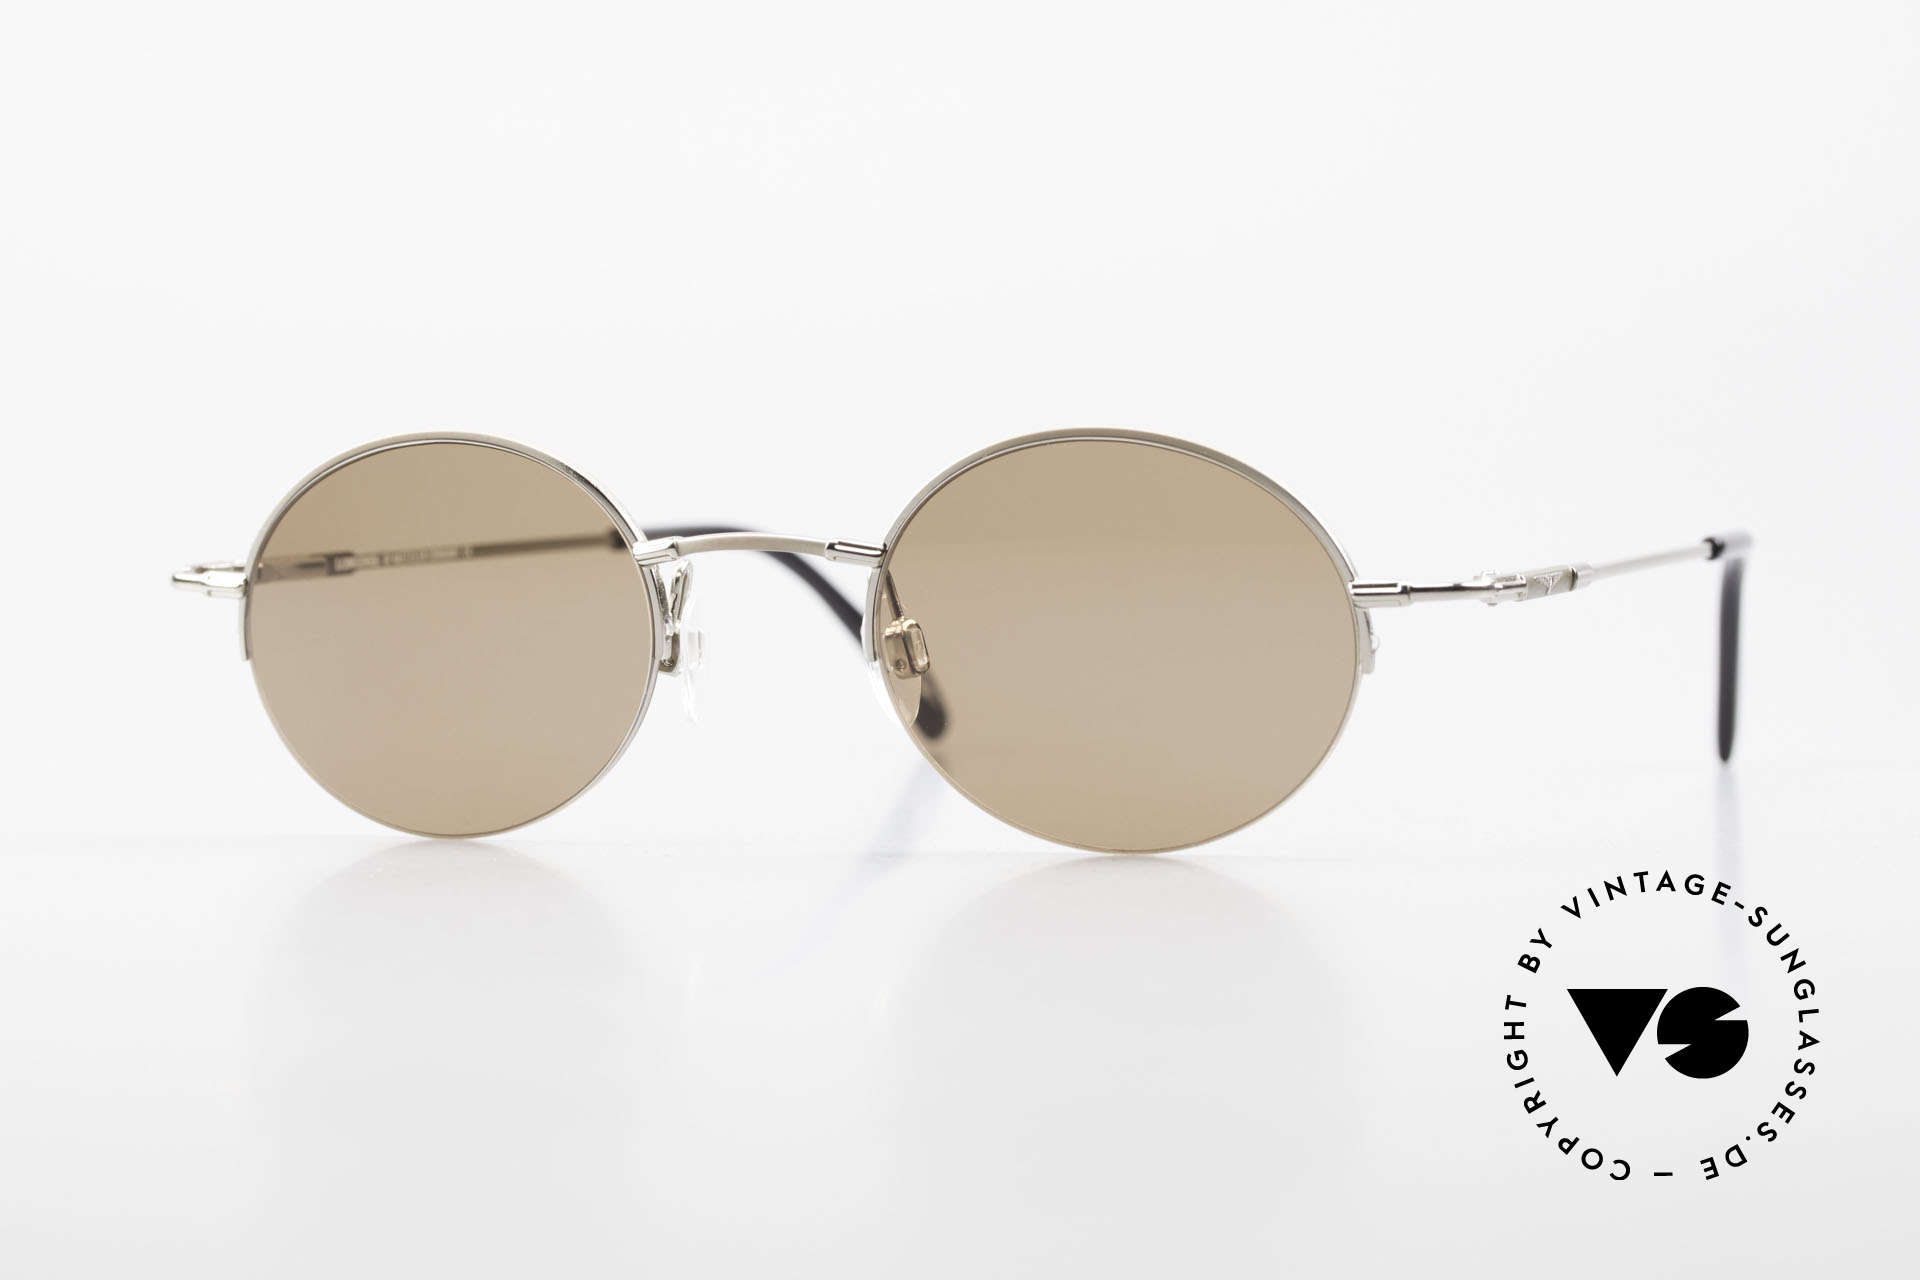 Longines 4363 Ovale Sonnenbrille 90er Rund, rund-ovale Longines Sonnenbrille aus den 90er Jahren, Passend für Herren und Damen